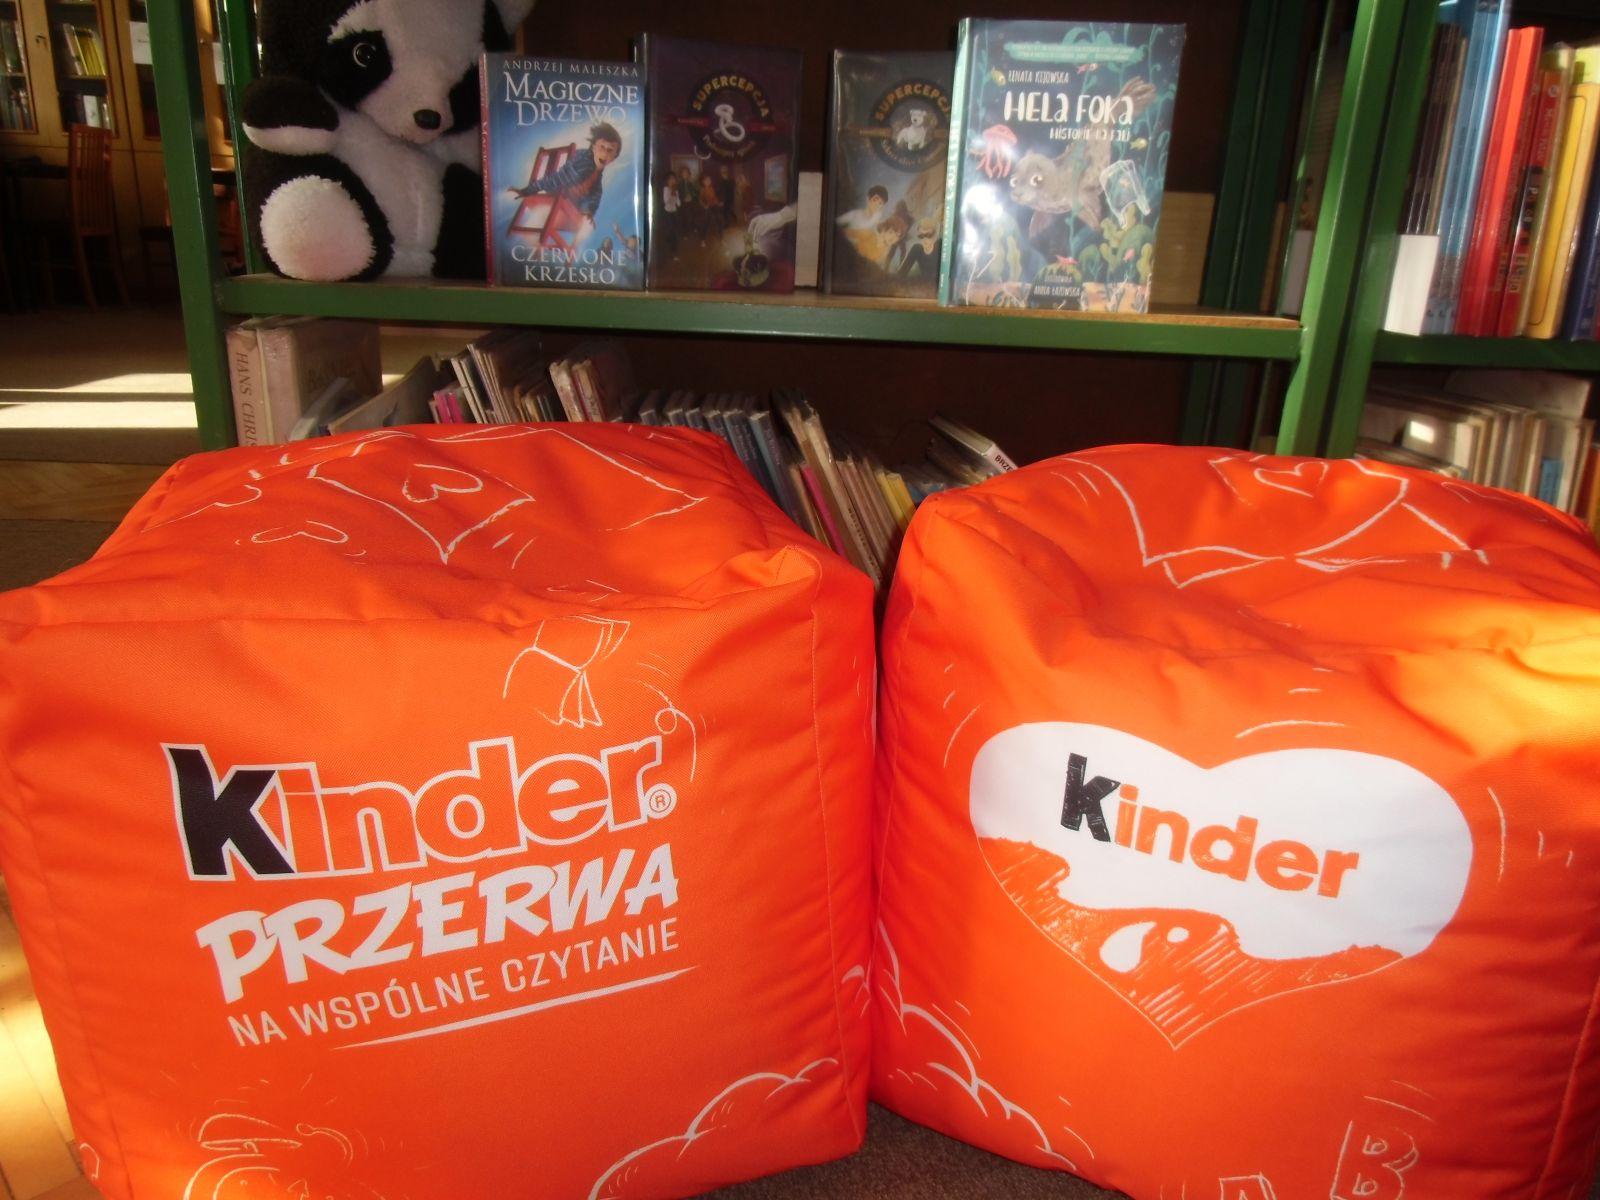 """na zdjęciu dwie pomarańczowe pufy z logo akcji """"Kinder Przerwa Na Wspólne Czytanie"""". W tle regał z książkami"""